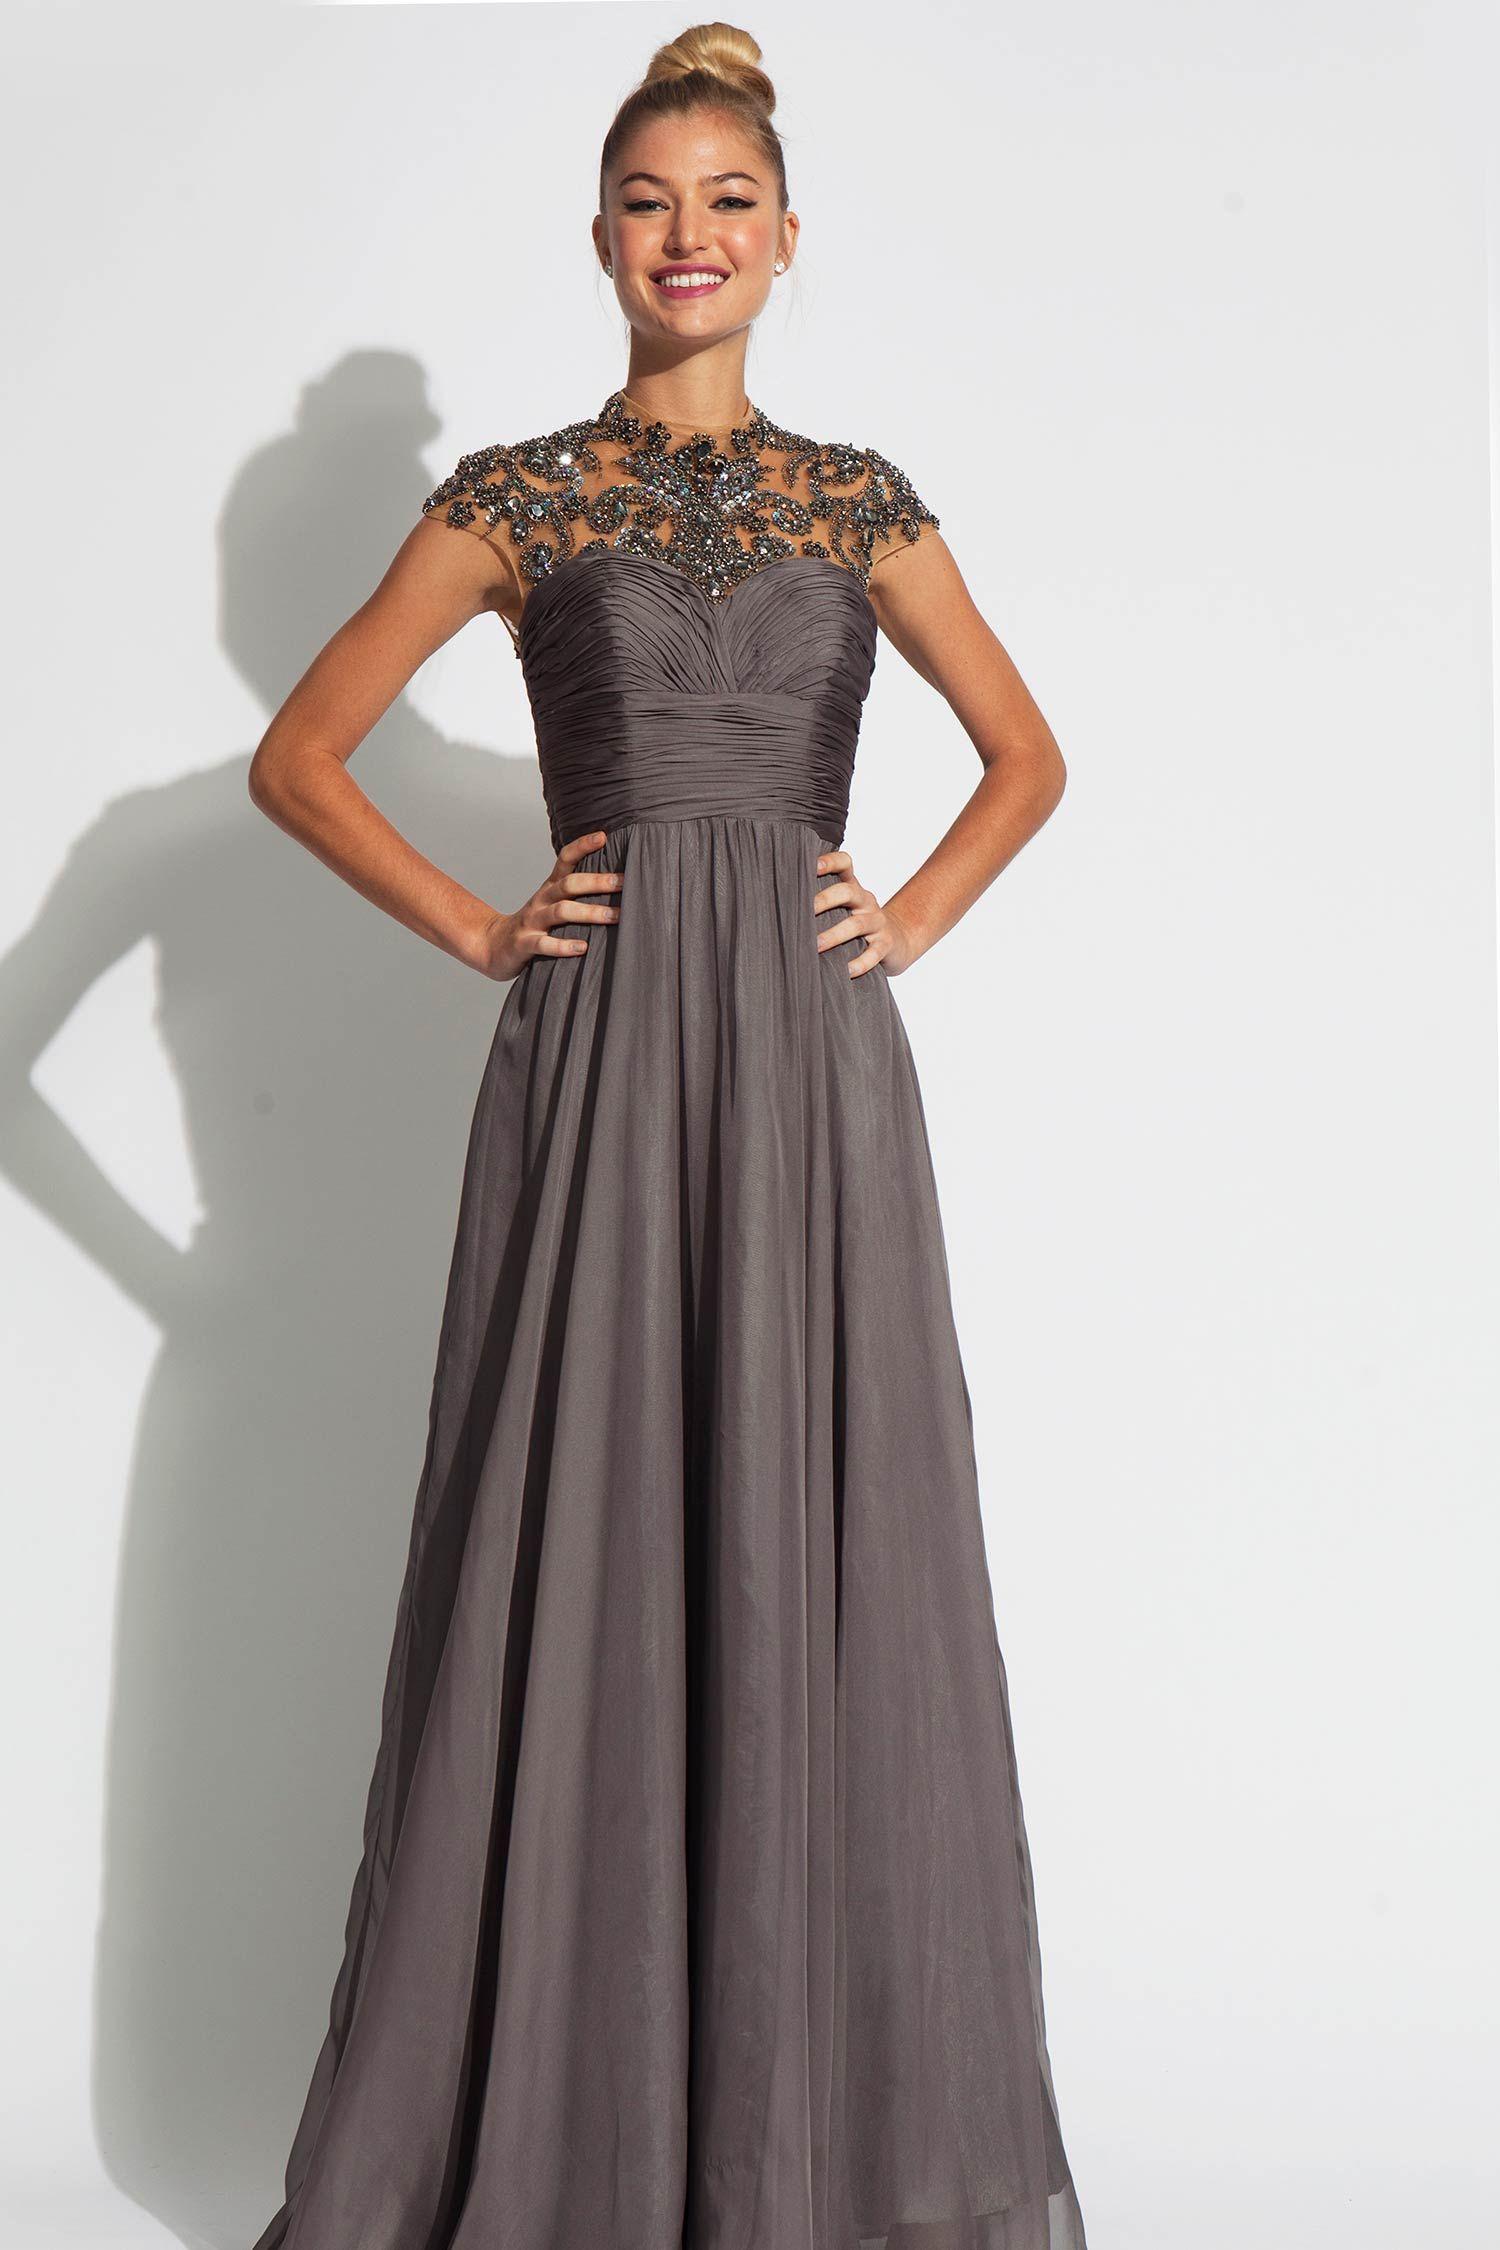 Sleeveless empire waist jovani chiffon dress stand out and be